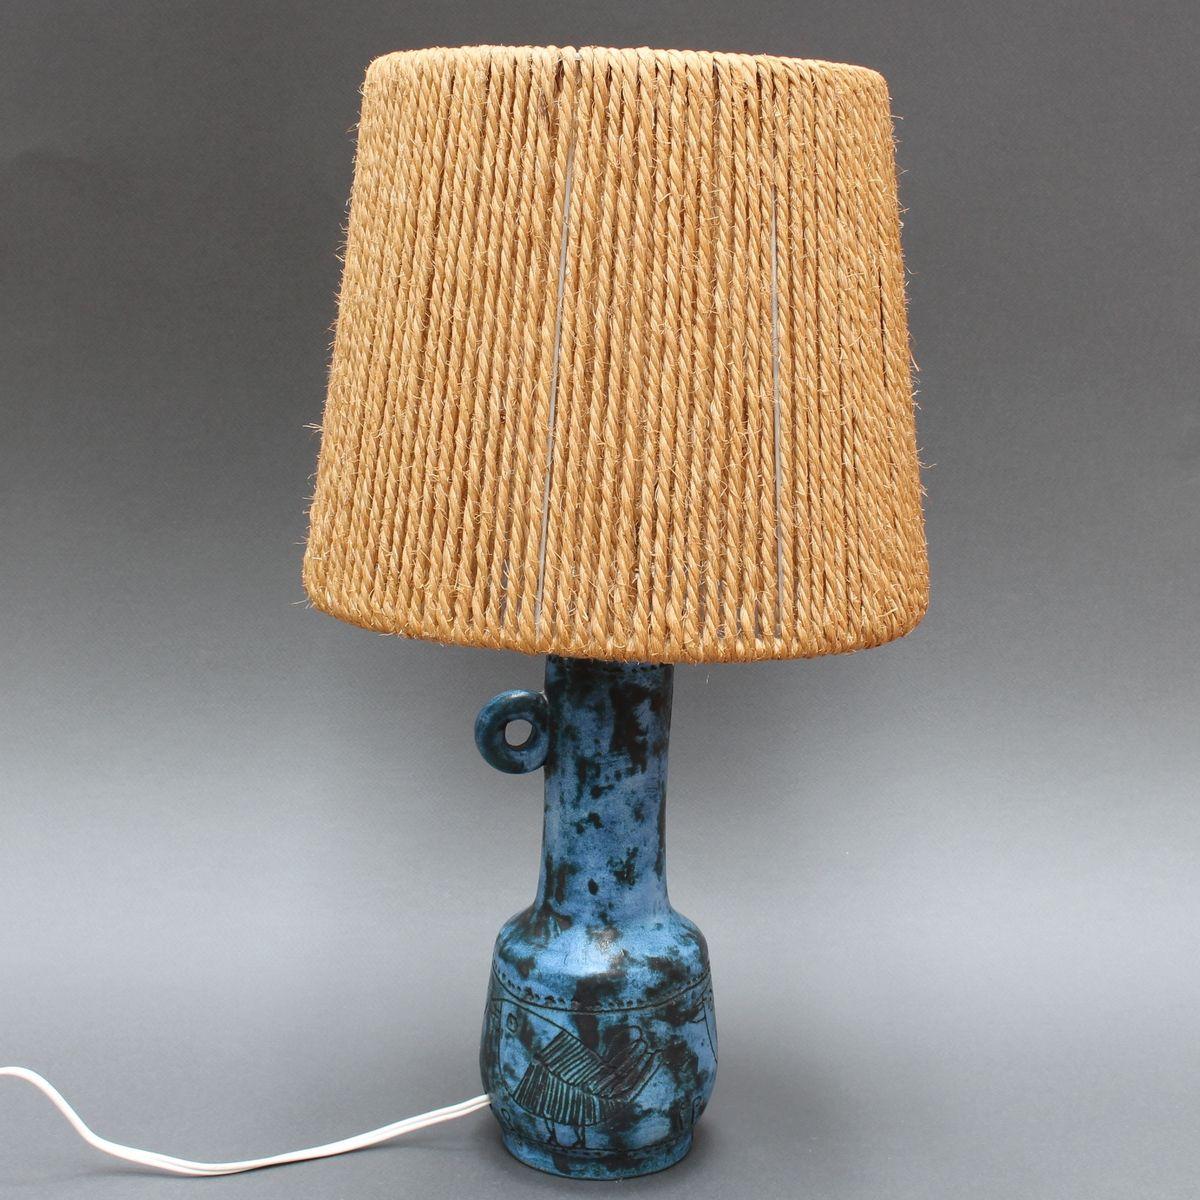 Französische Keramik Tischlampe von Jacques Blin, 1950er